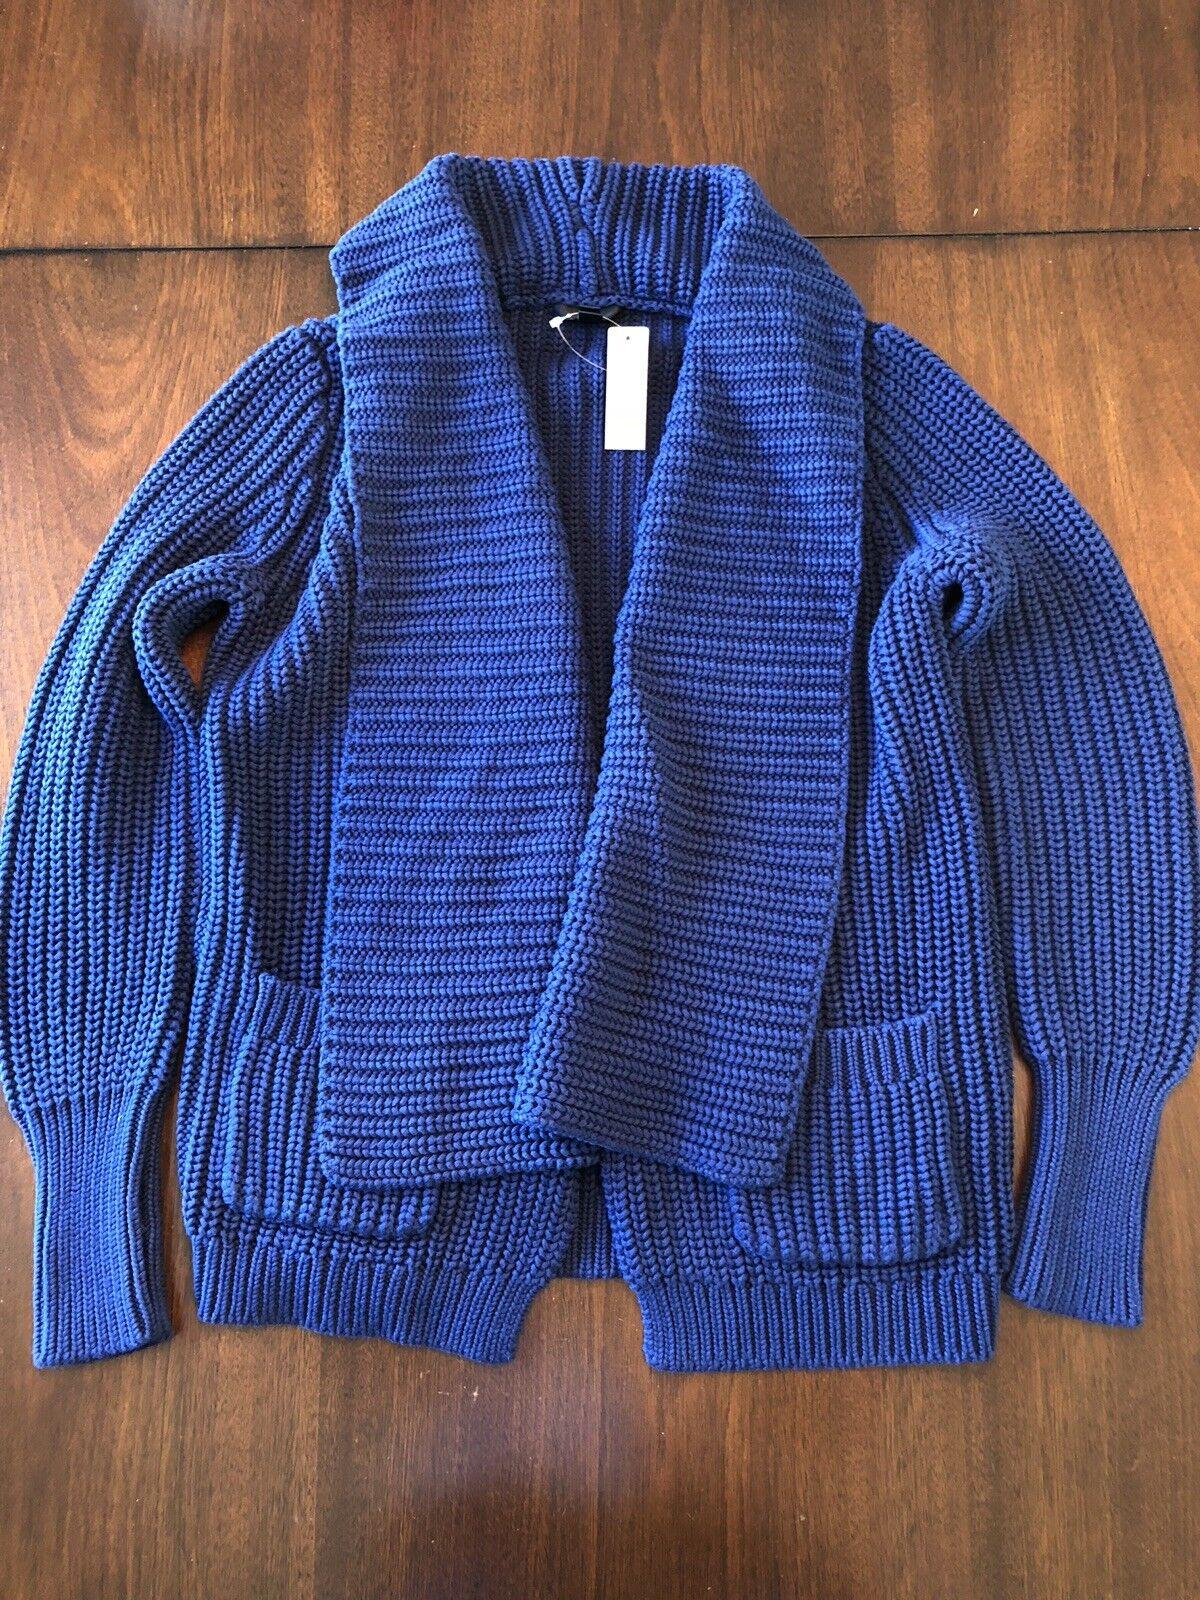 NWT JCrew Women's Navy Rib-Stitch Open Cardigan Chunky Knit Sweater bluee Sz S